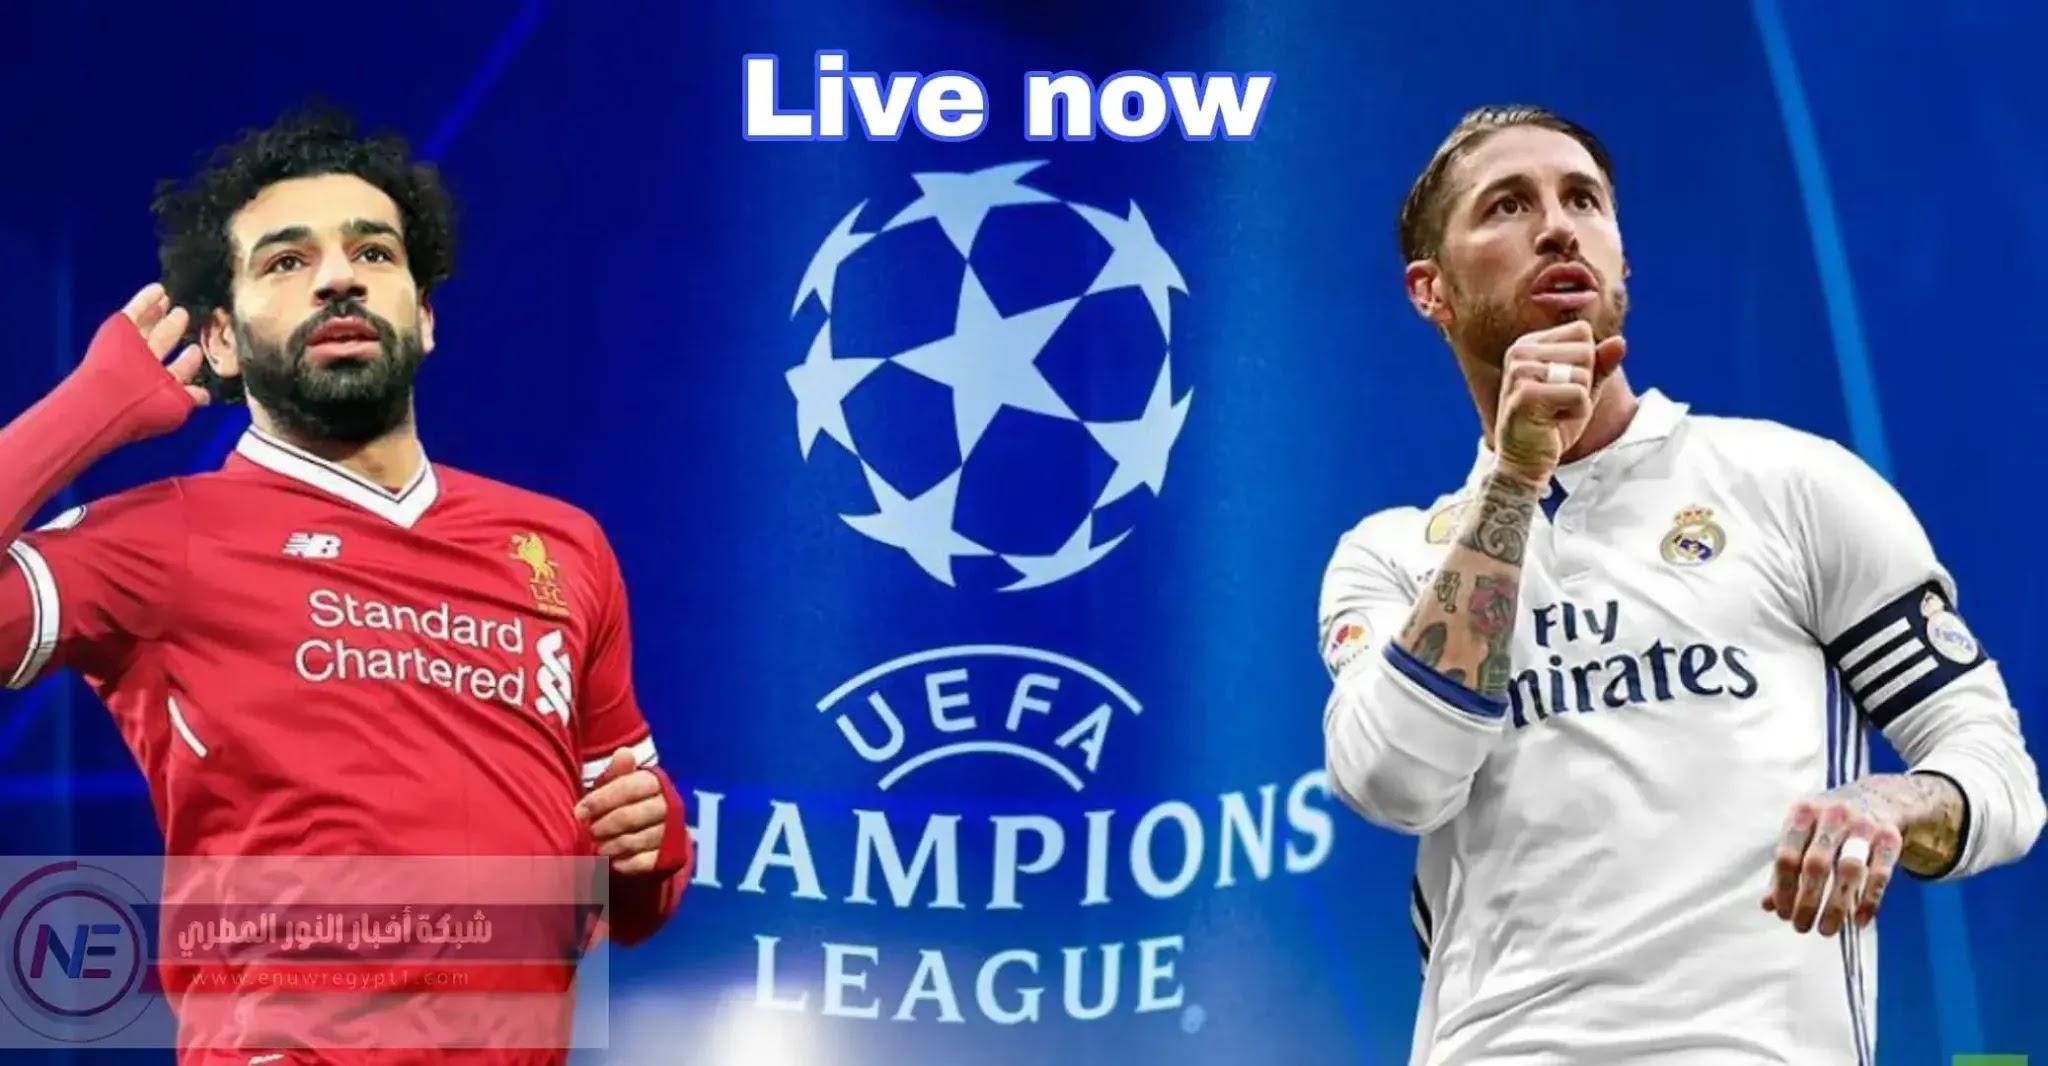 يلا شوت حصري الجديد يوتيوب.. مشاهدة مباراة ريال مدريد و ليفربول بتاريخ اليوم  14 أبريل 2021 في دورى ابطال اوروبا بجودة عالية بدون اي تقطيع نهائي بتعليق عربي